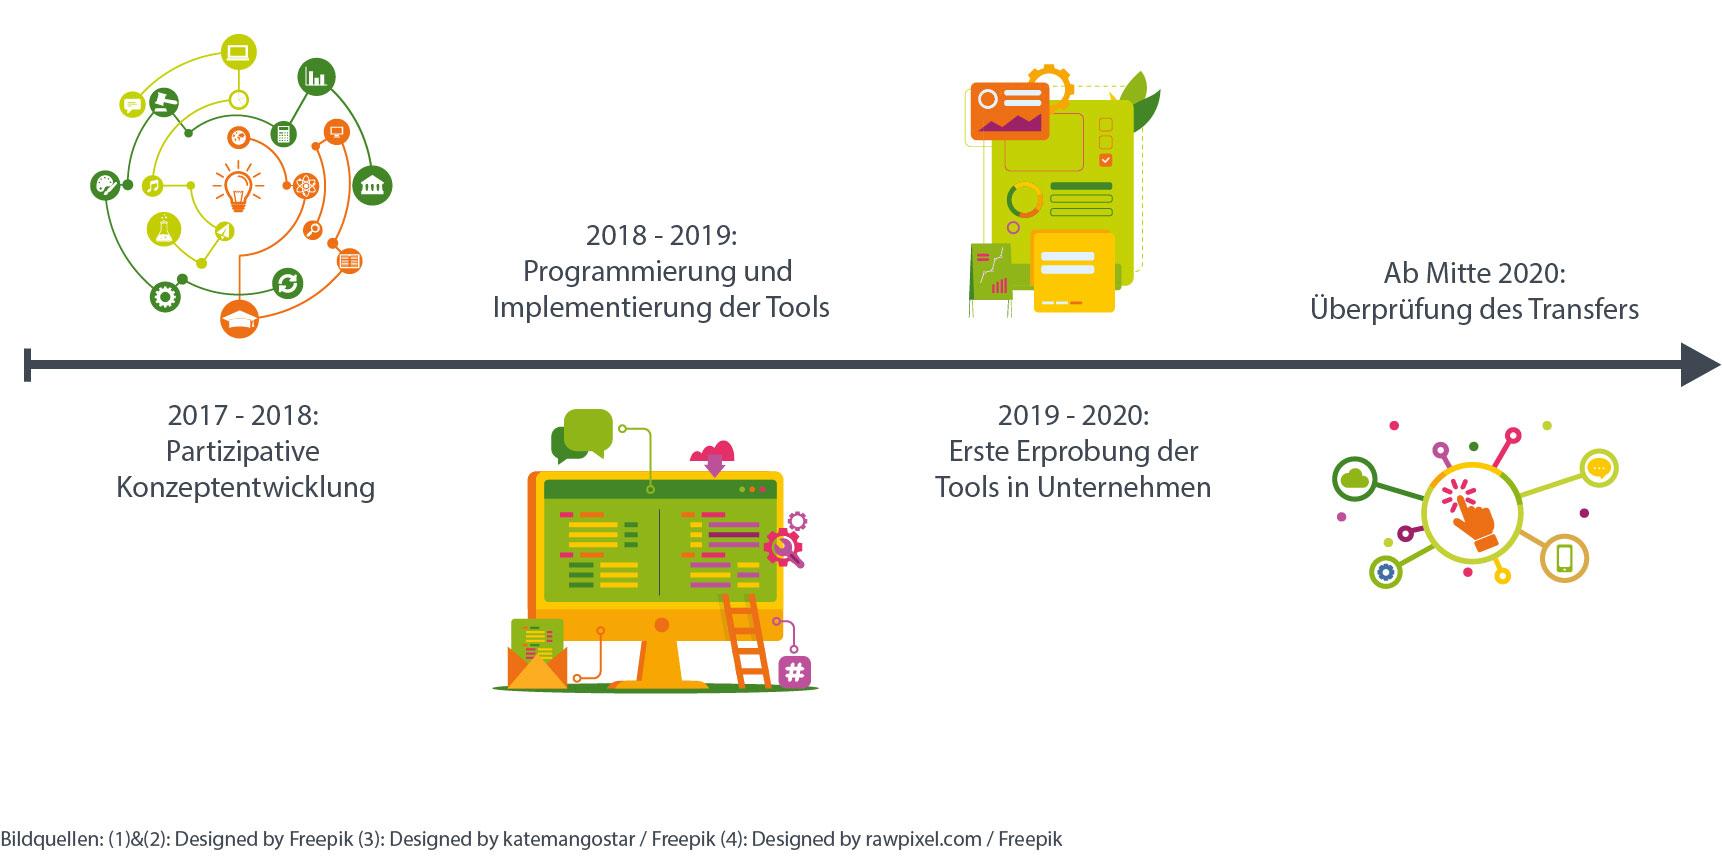 Der vLead zeitstrahl verdeutlicht den Ablauf des Projektes zwiscehn 2017 und 2020